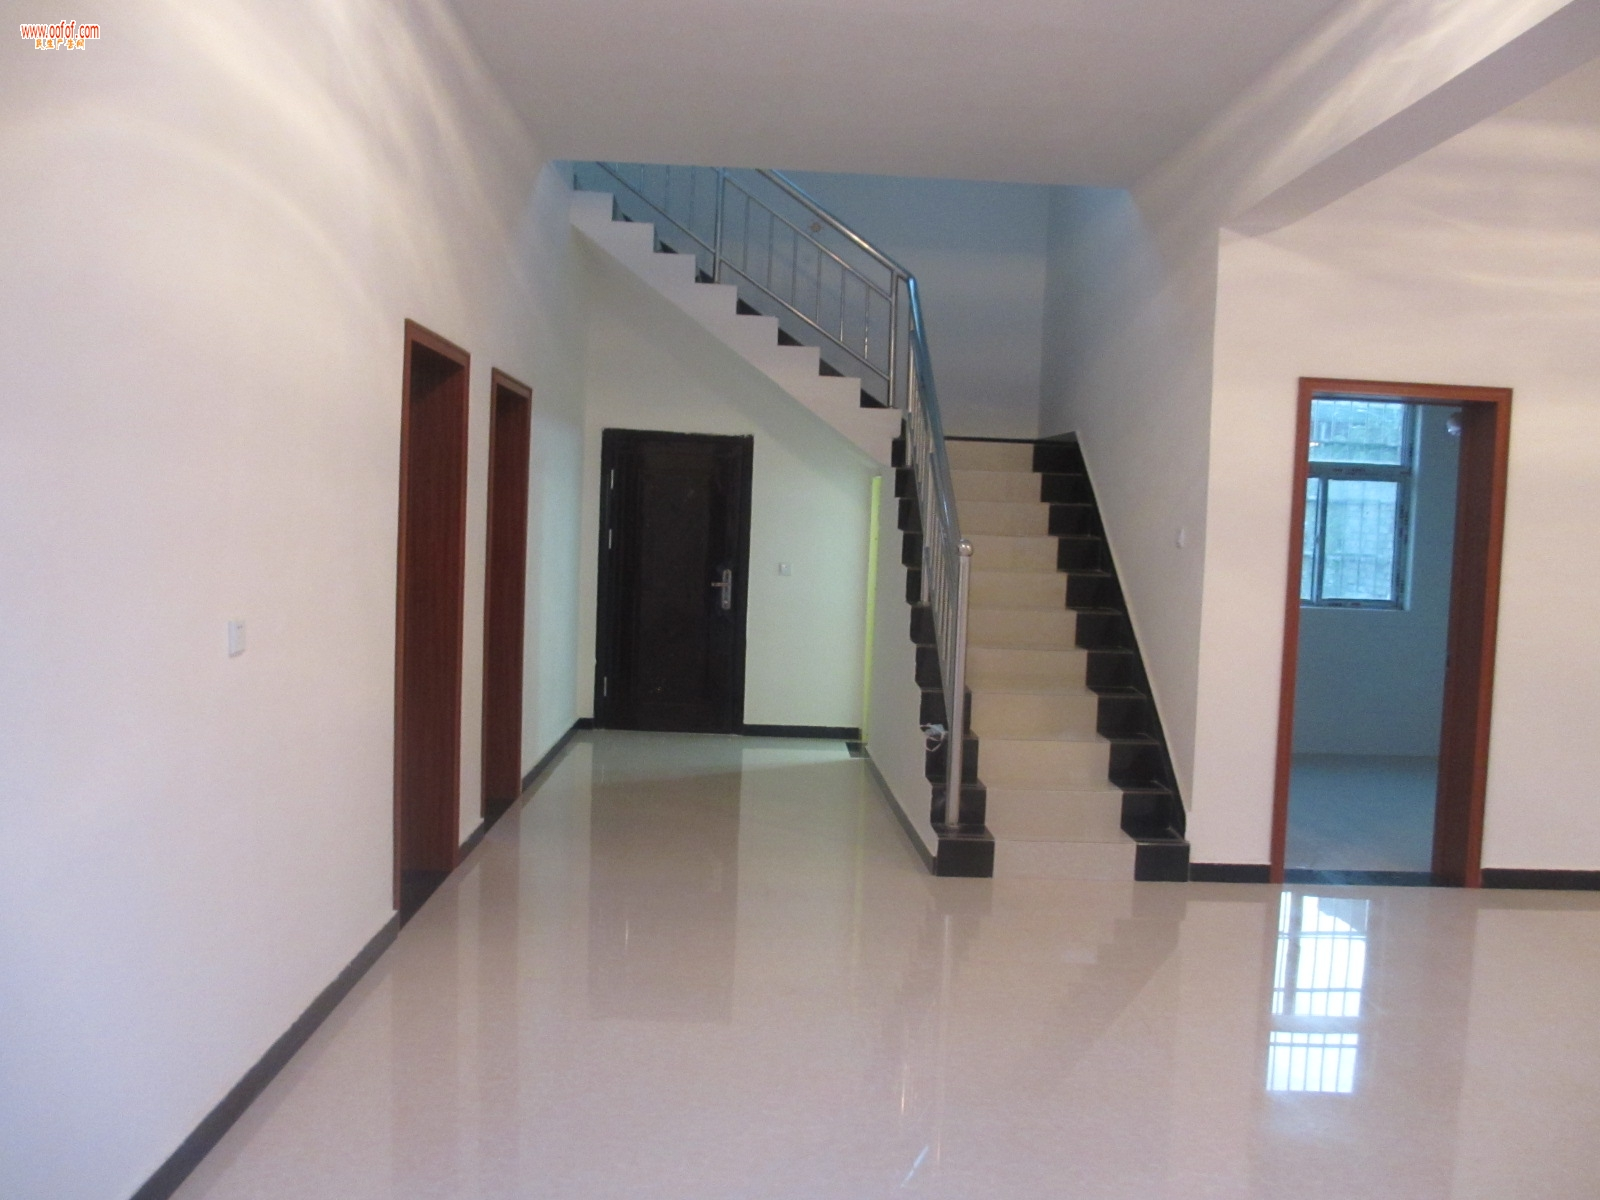 洪庆/出租房屋地址:西安市灞桥区洪庆街办田王新村。